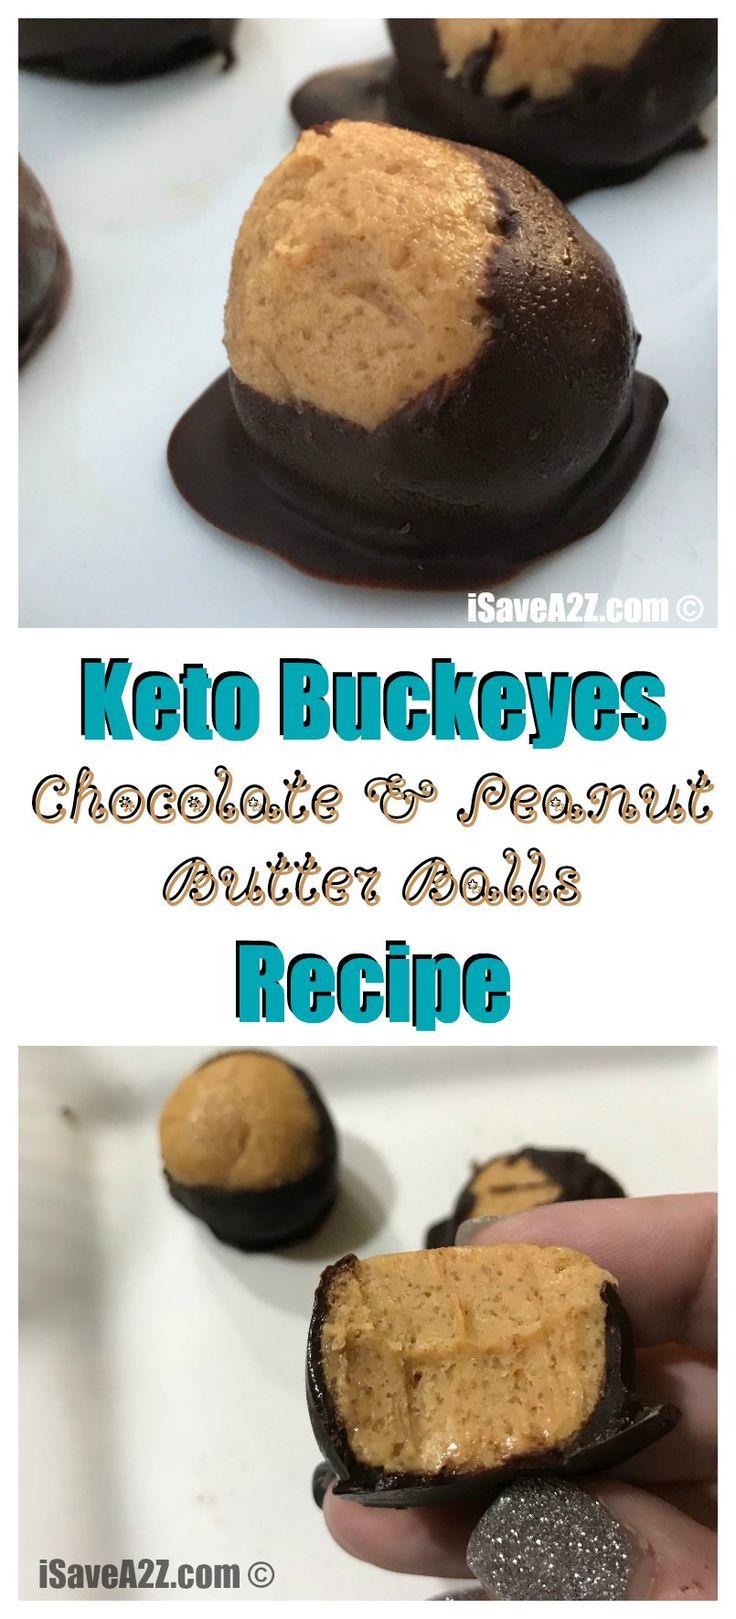 Keto Buckeyes Chocolate and Peanut Butter Balls Recipe - delish!! via @isavea2z